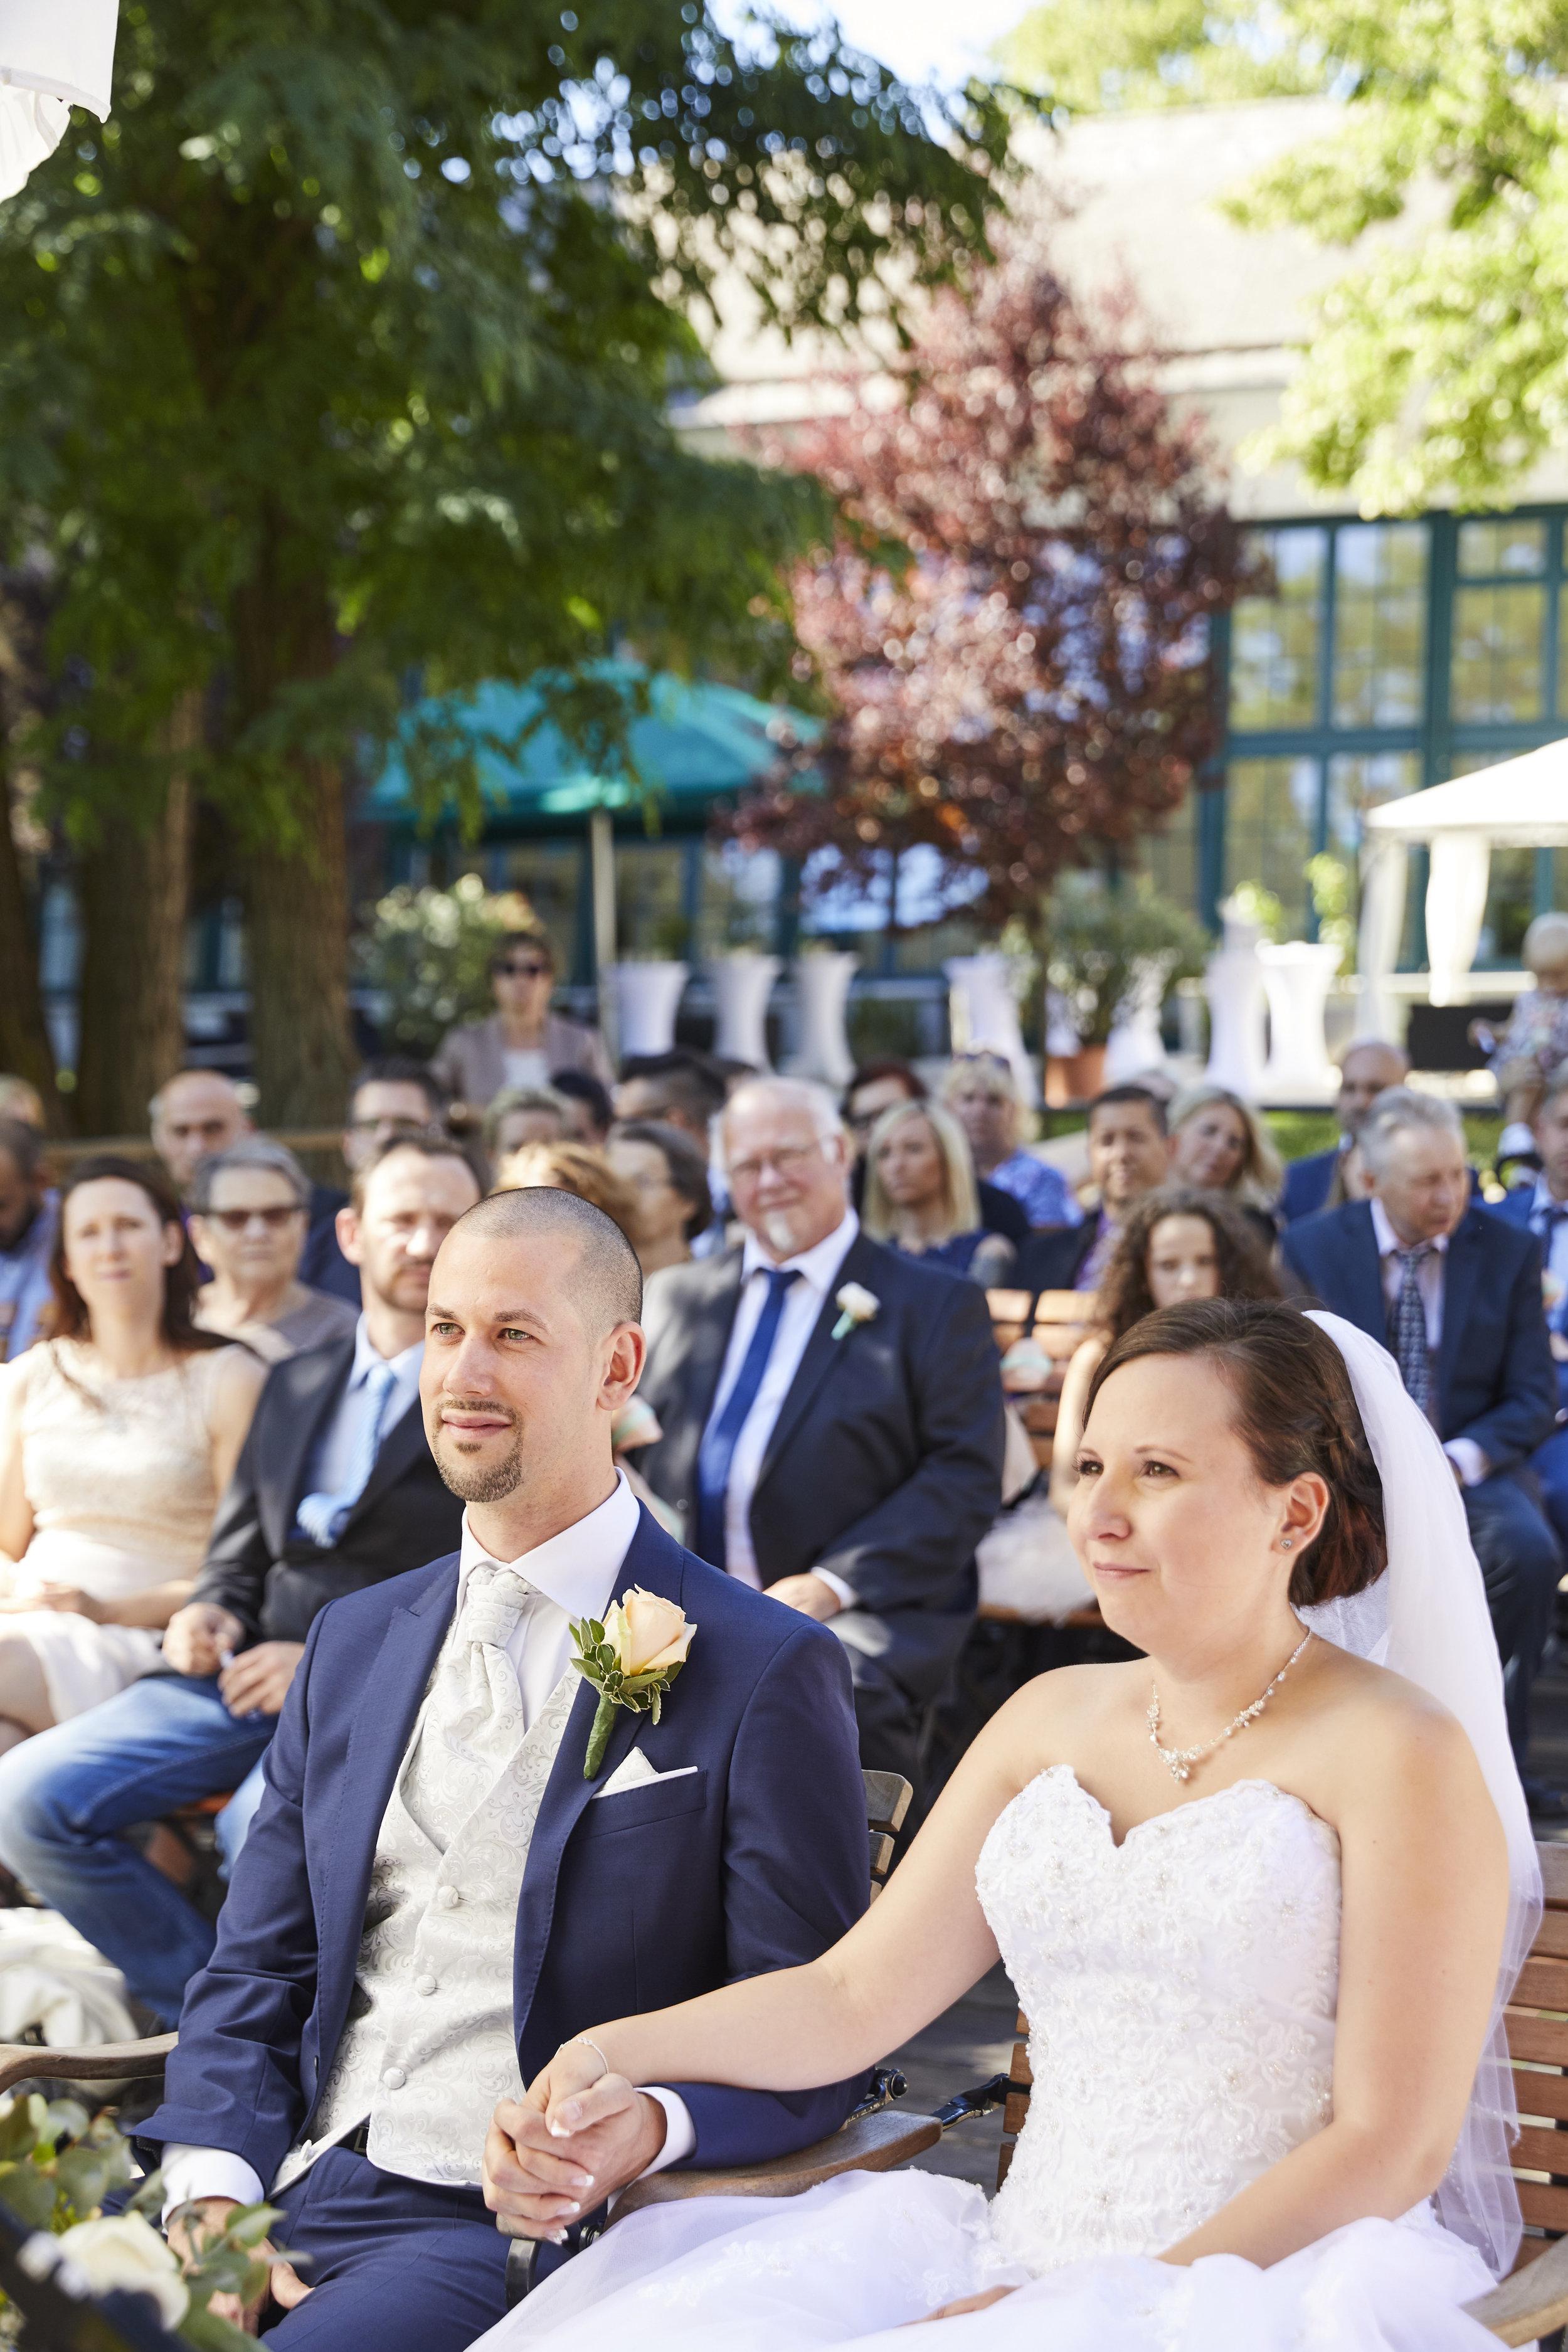 17.07.01. Hochzeit Carola&Werner_131.jpg